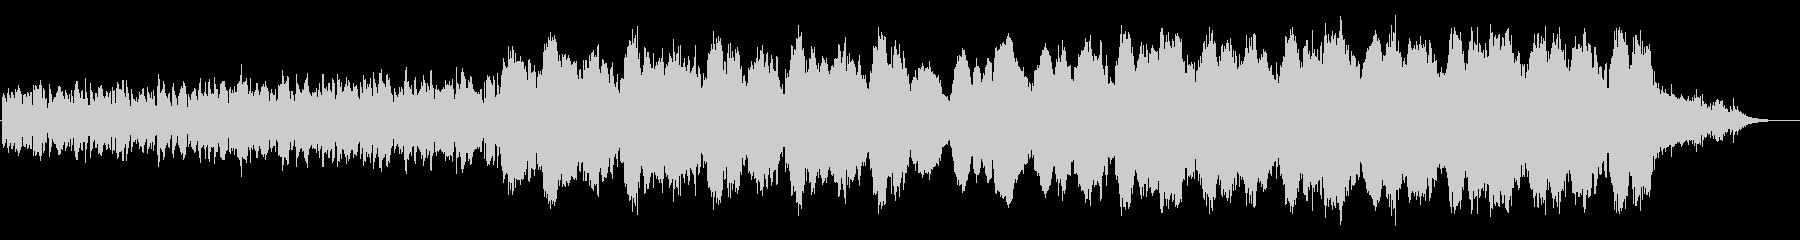 きらびやかなヒーリングミュージックの未再生の波形